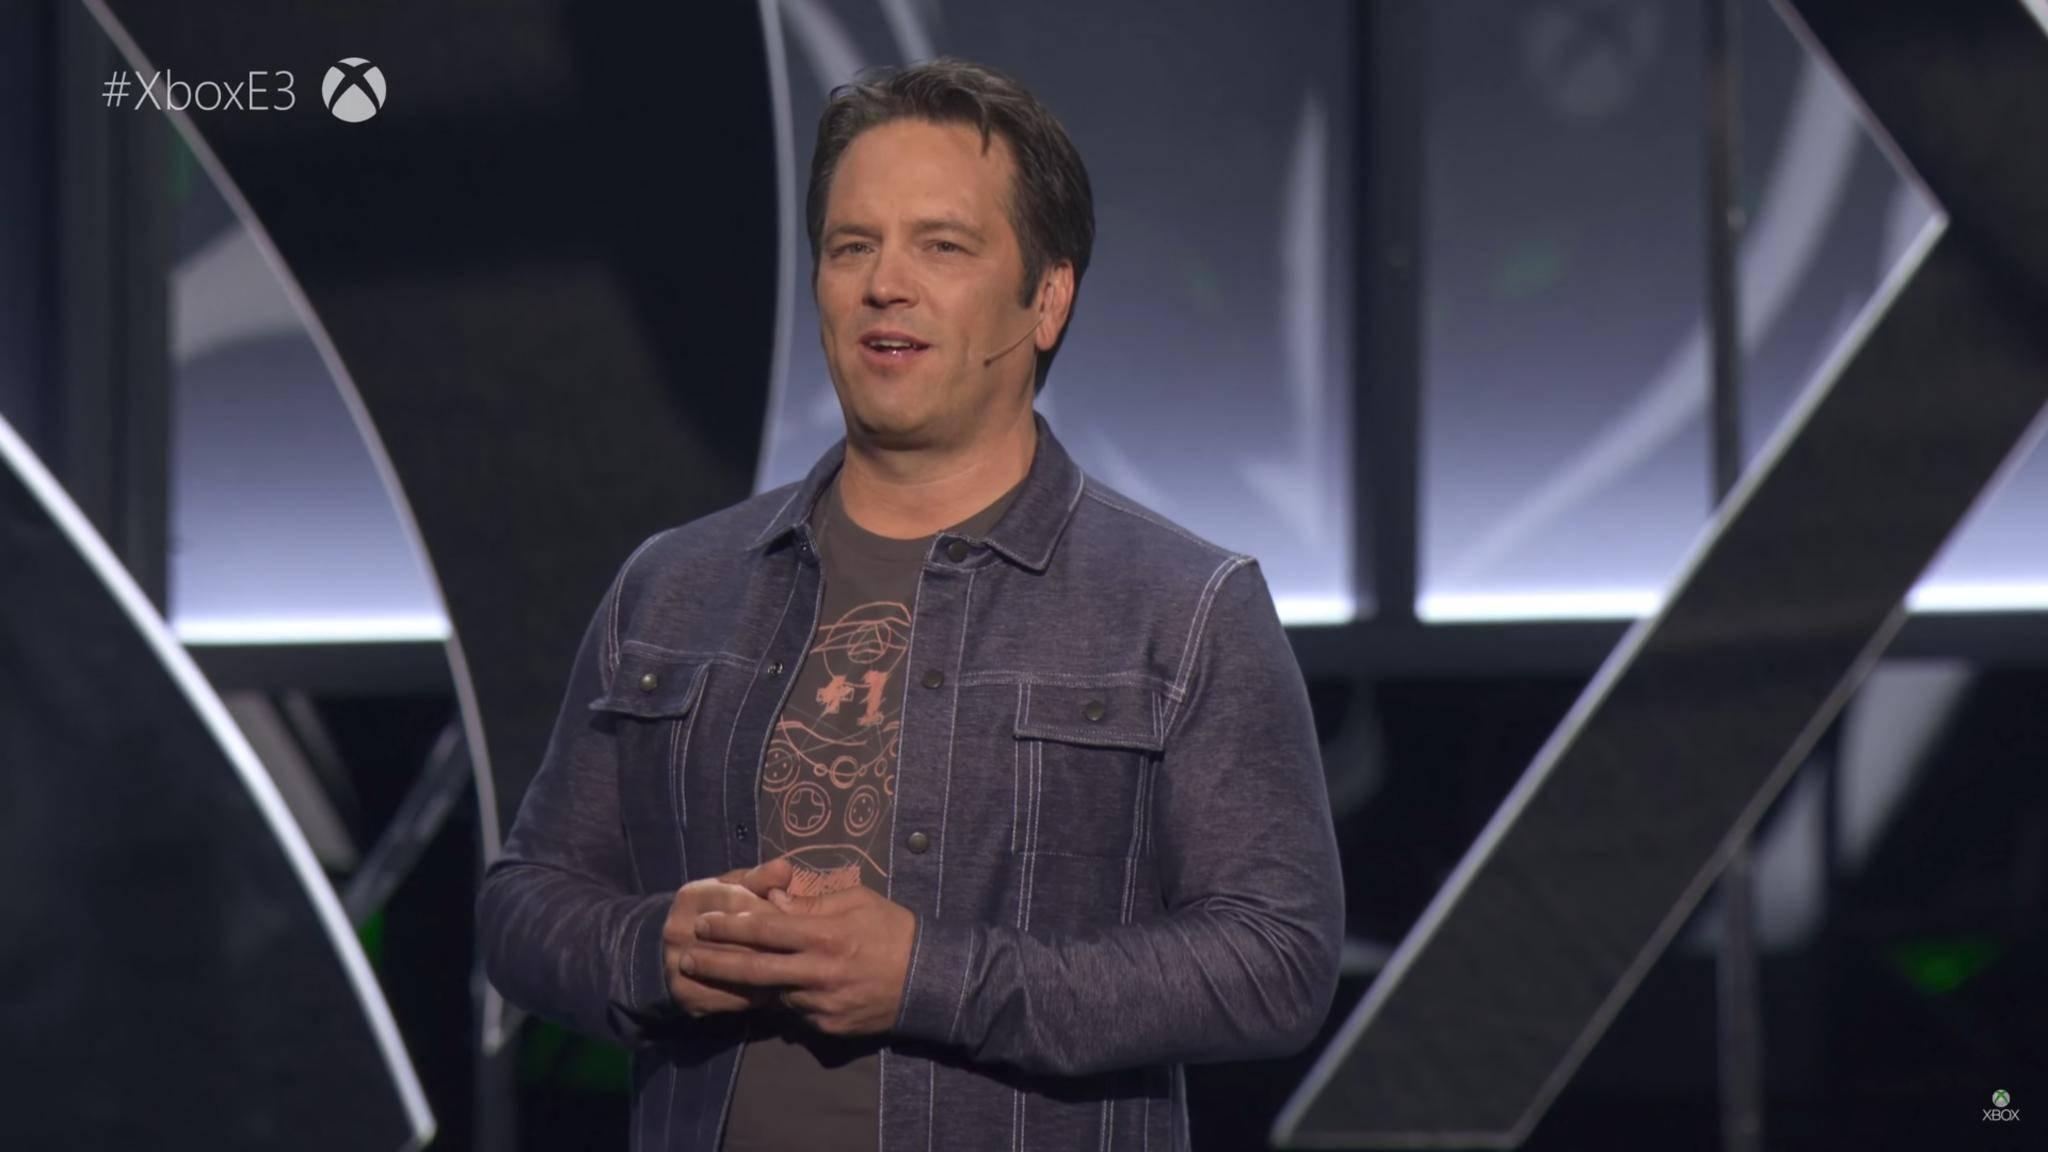 Phil Spencer glaubt an eine Zukunft für Konsolen in Zeiten von Games-Streaming.